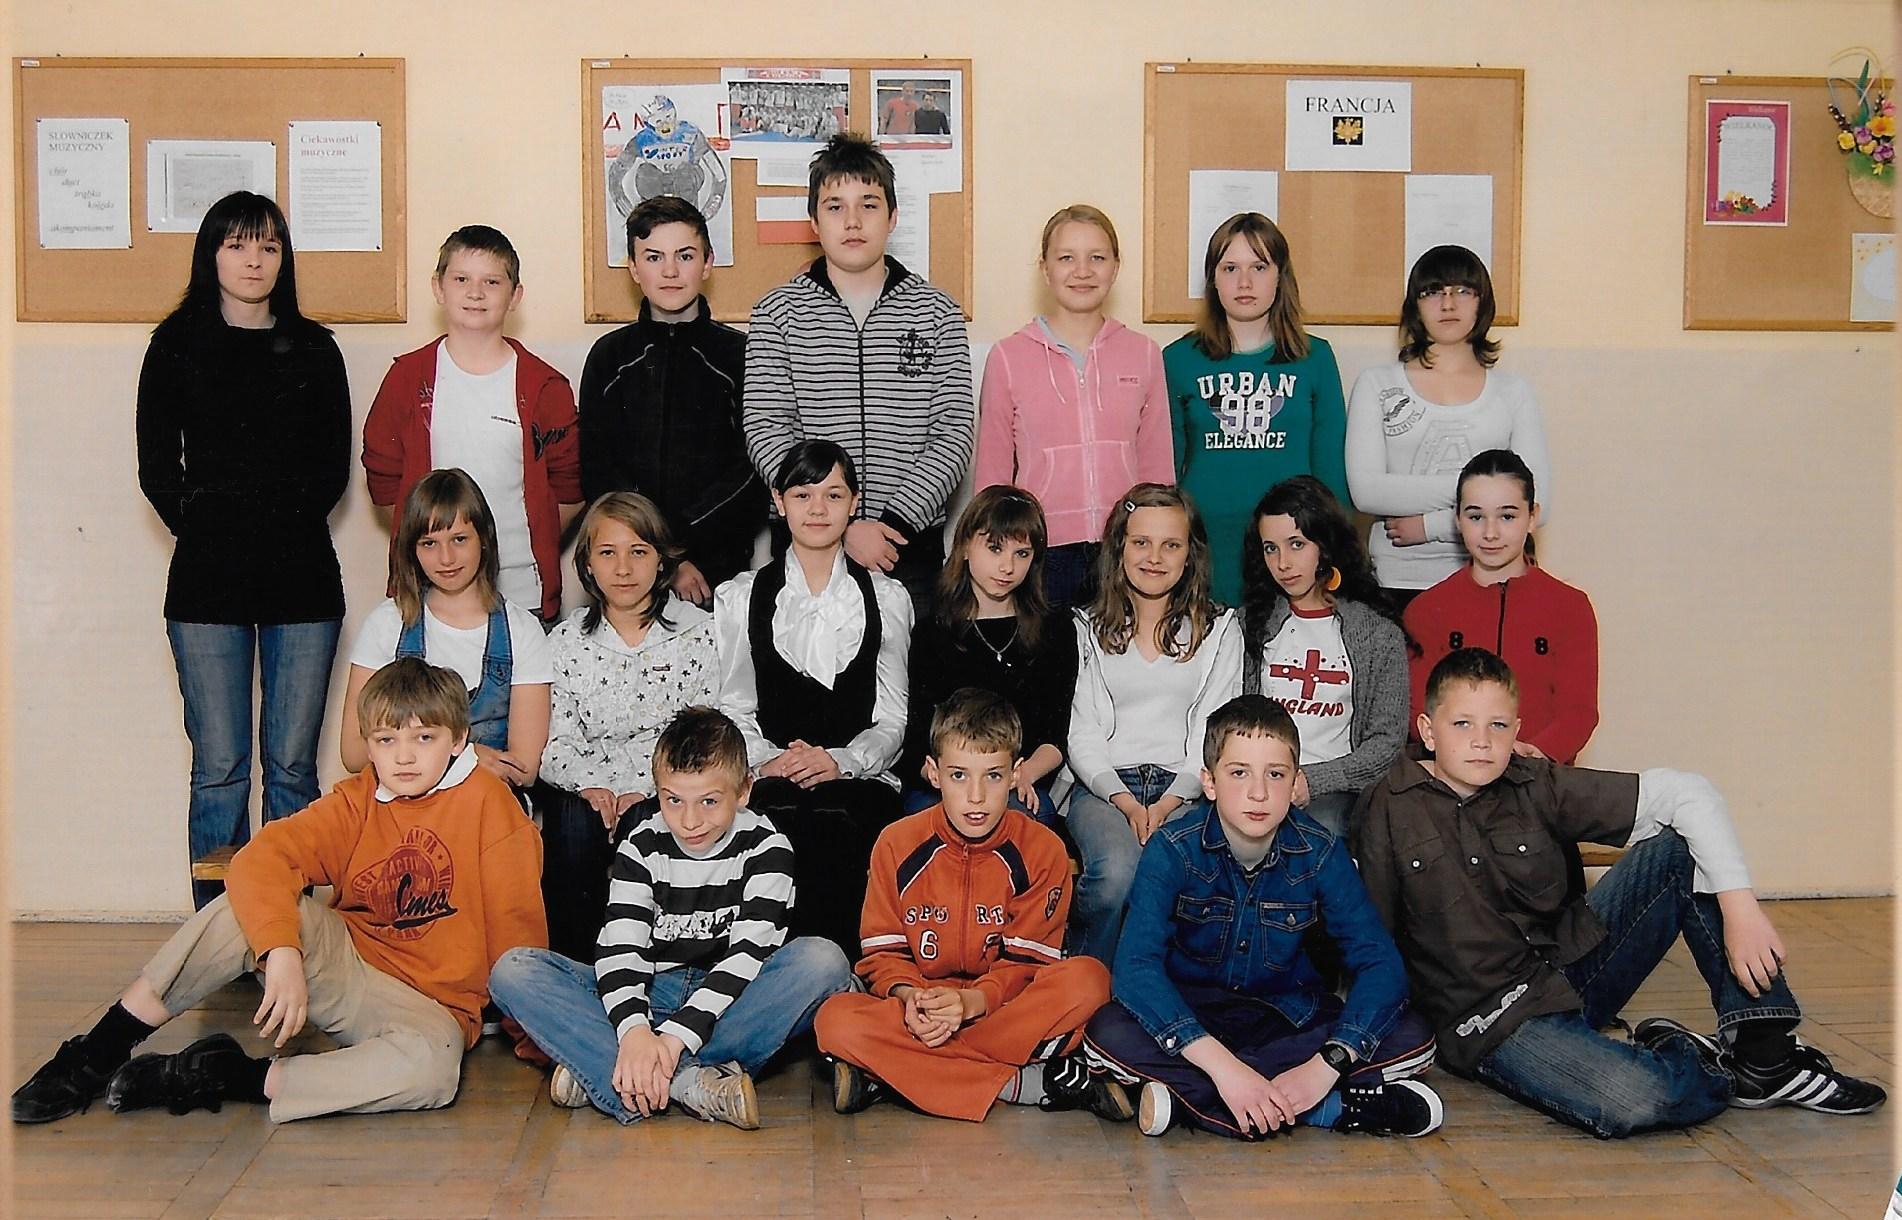 Klasa 6c, z wychowawczynią U.Dudą